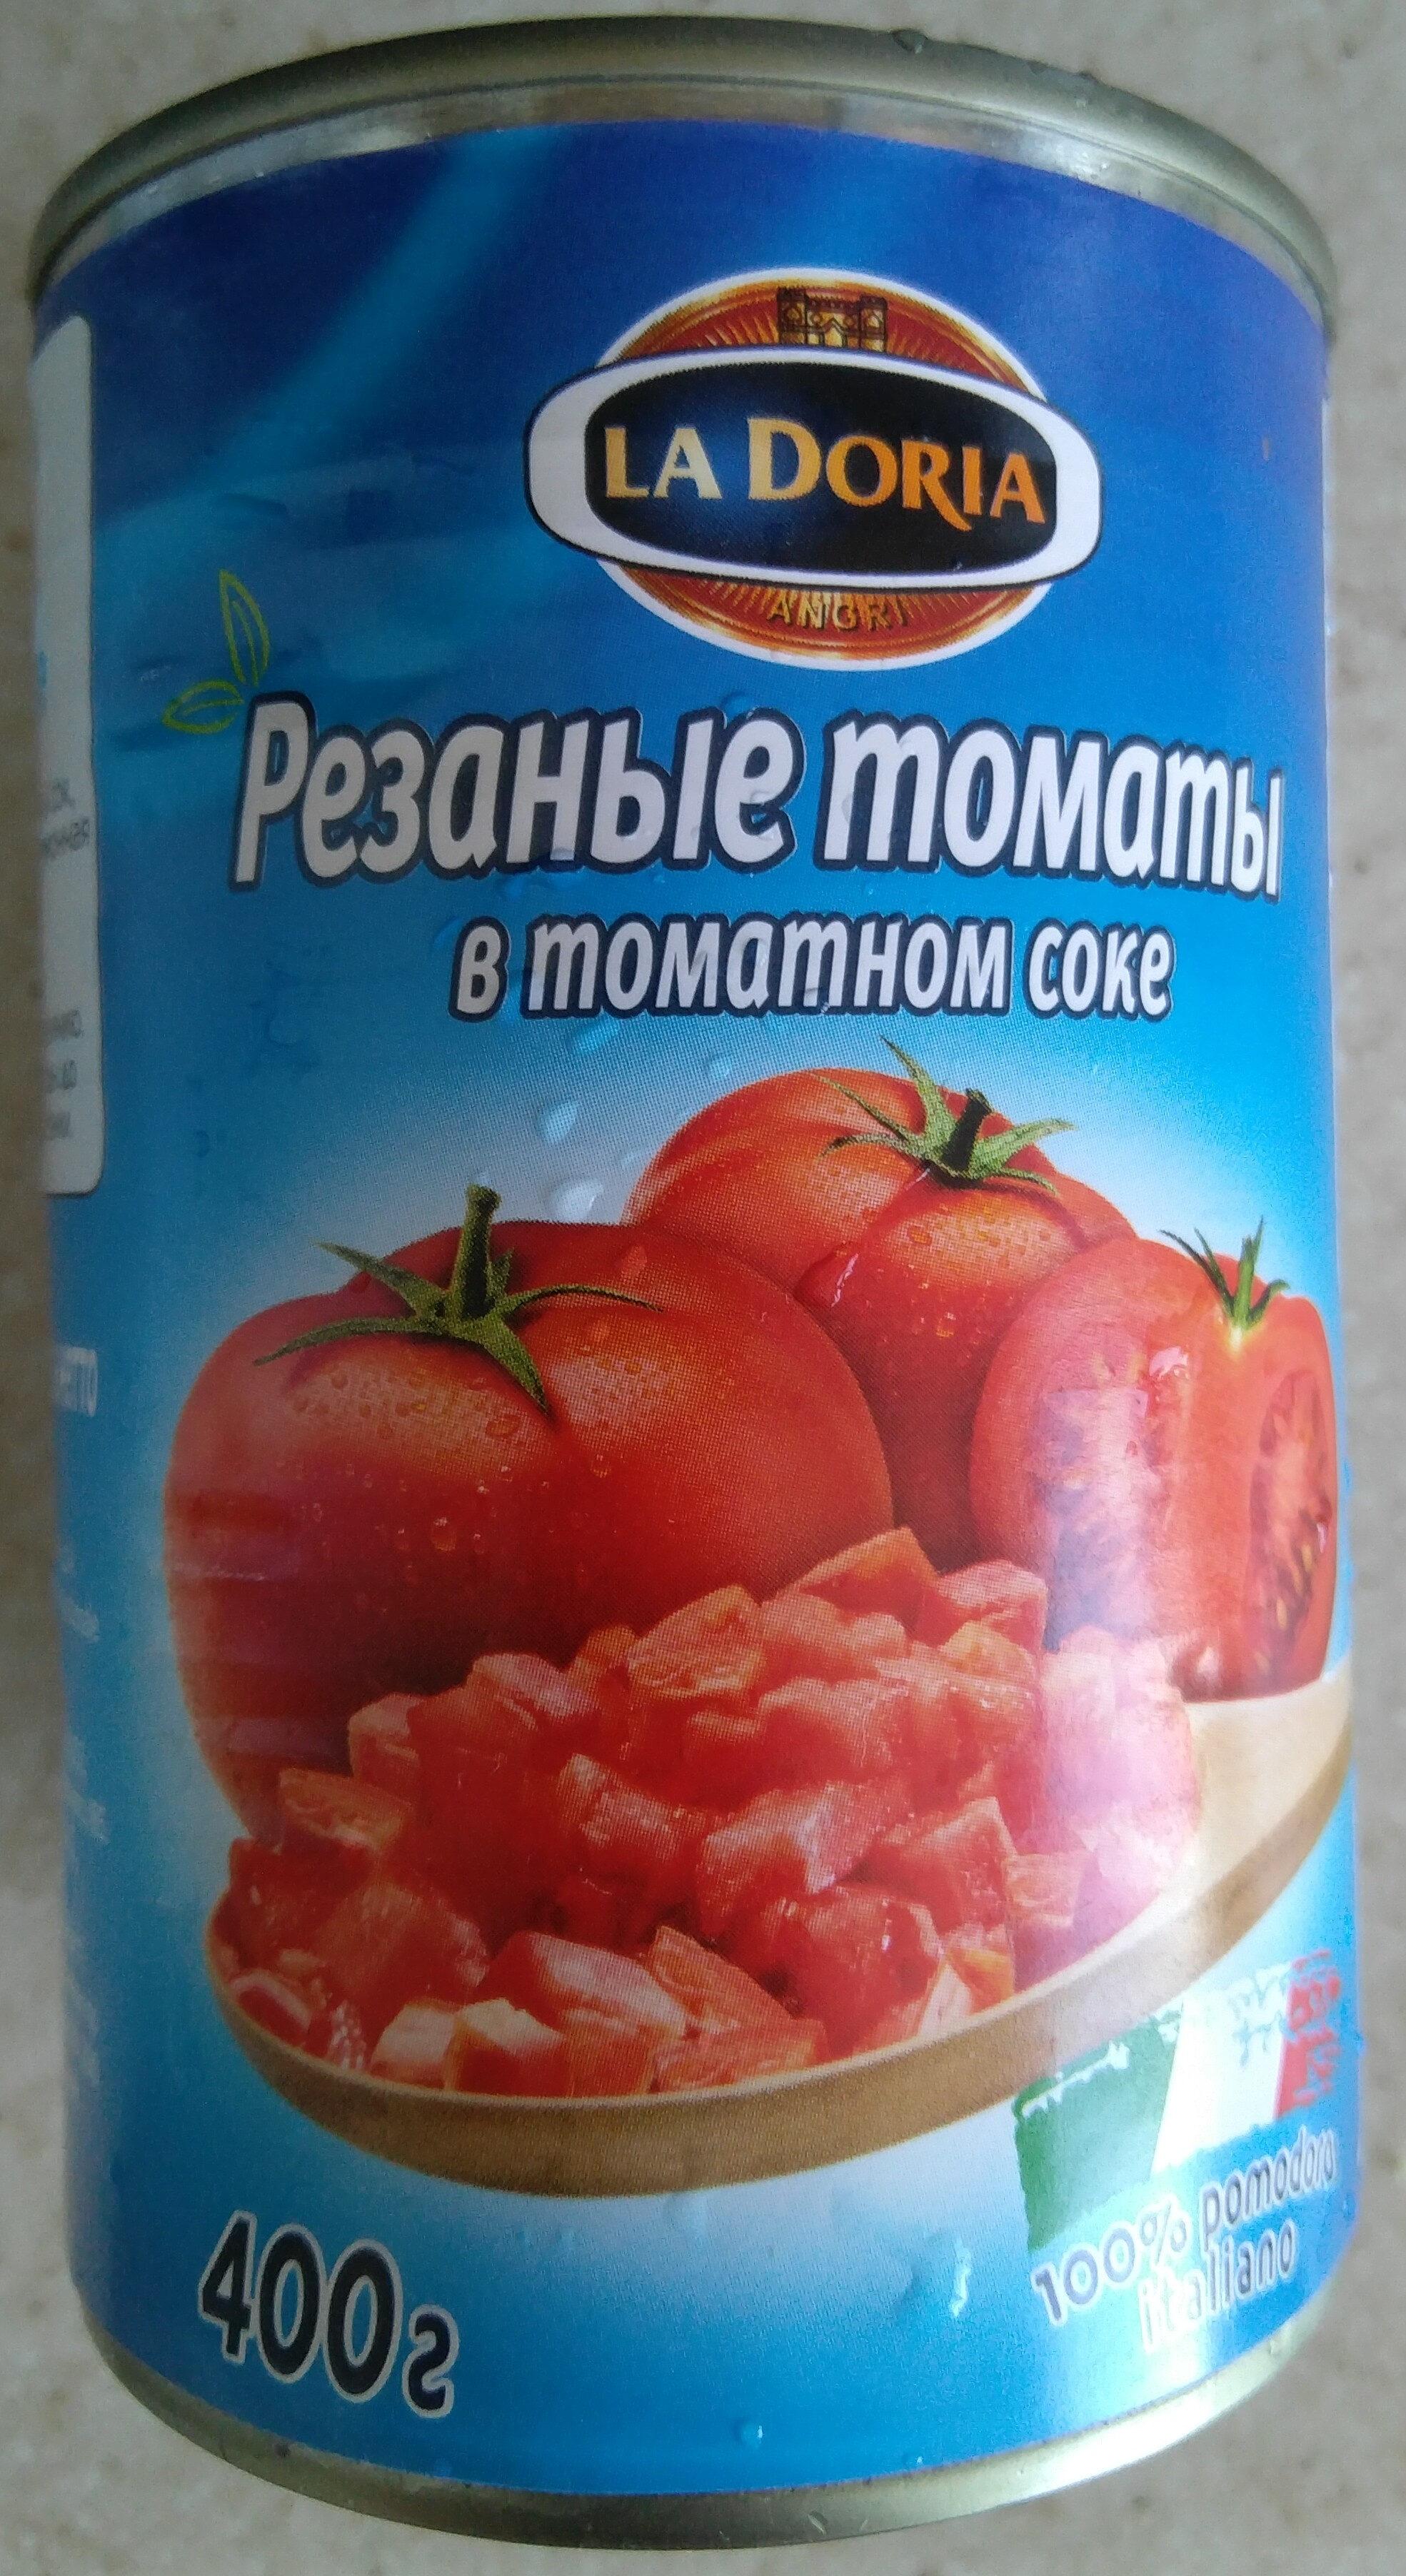 Резанные томаты в томатном соке - Product - ru